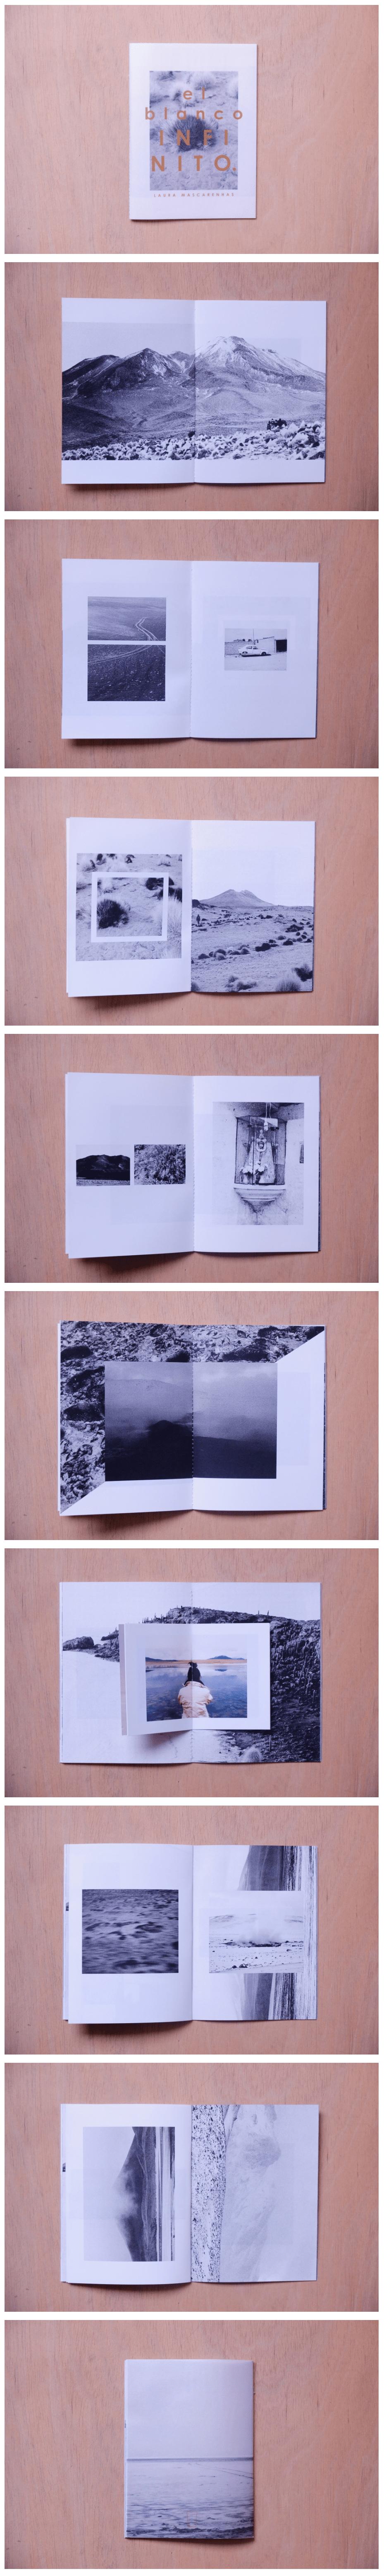 Fanzinant, editorial independiente de fotografía